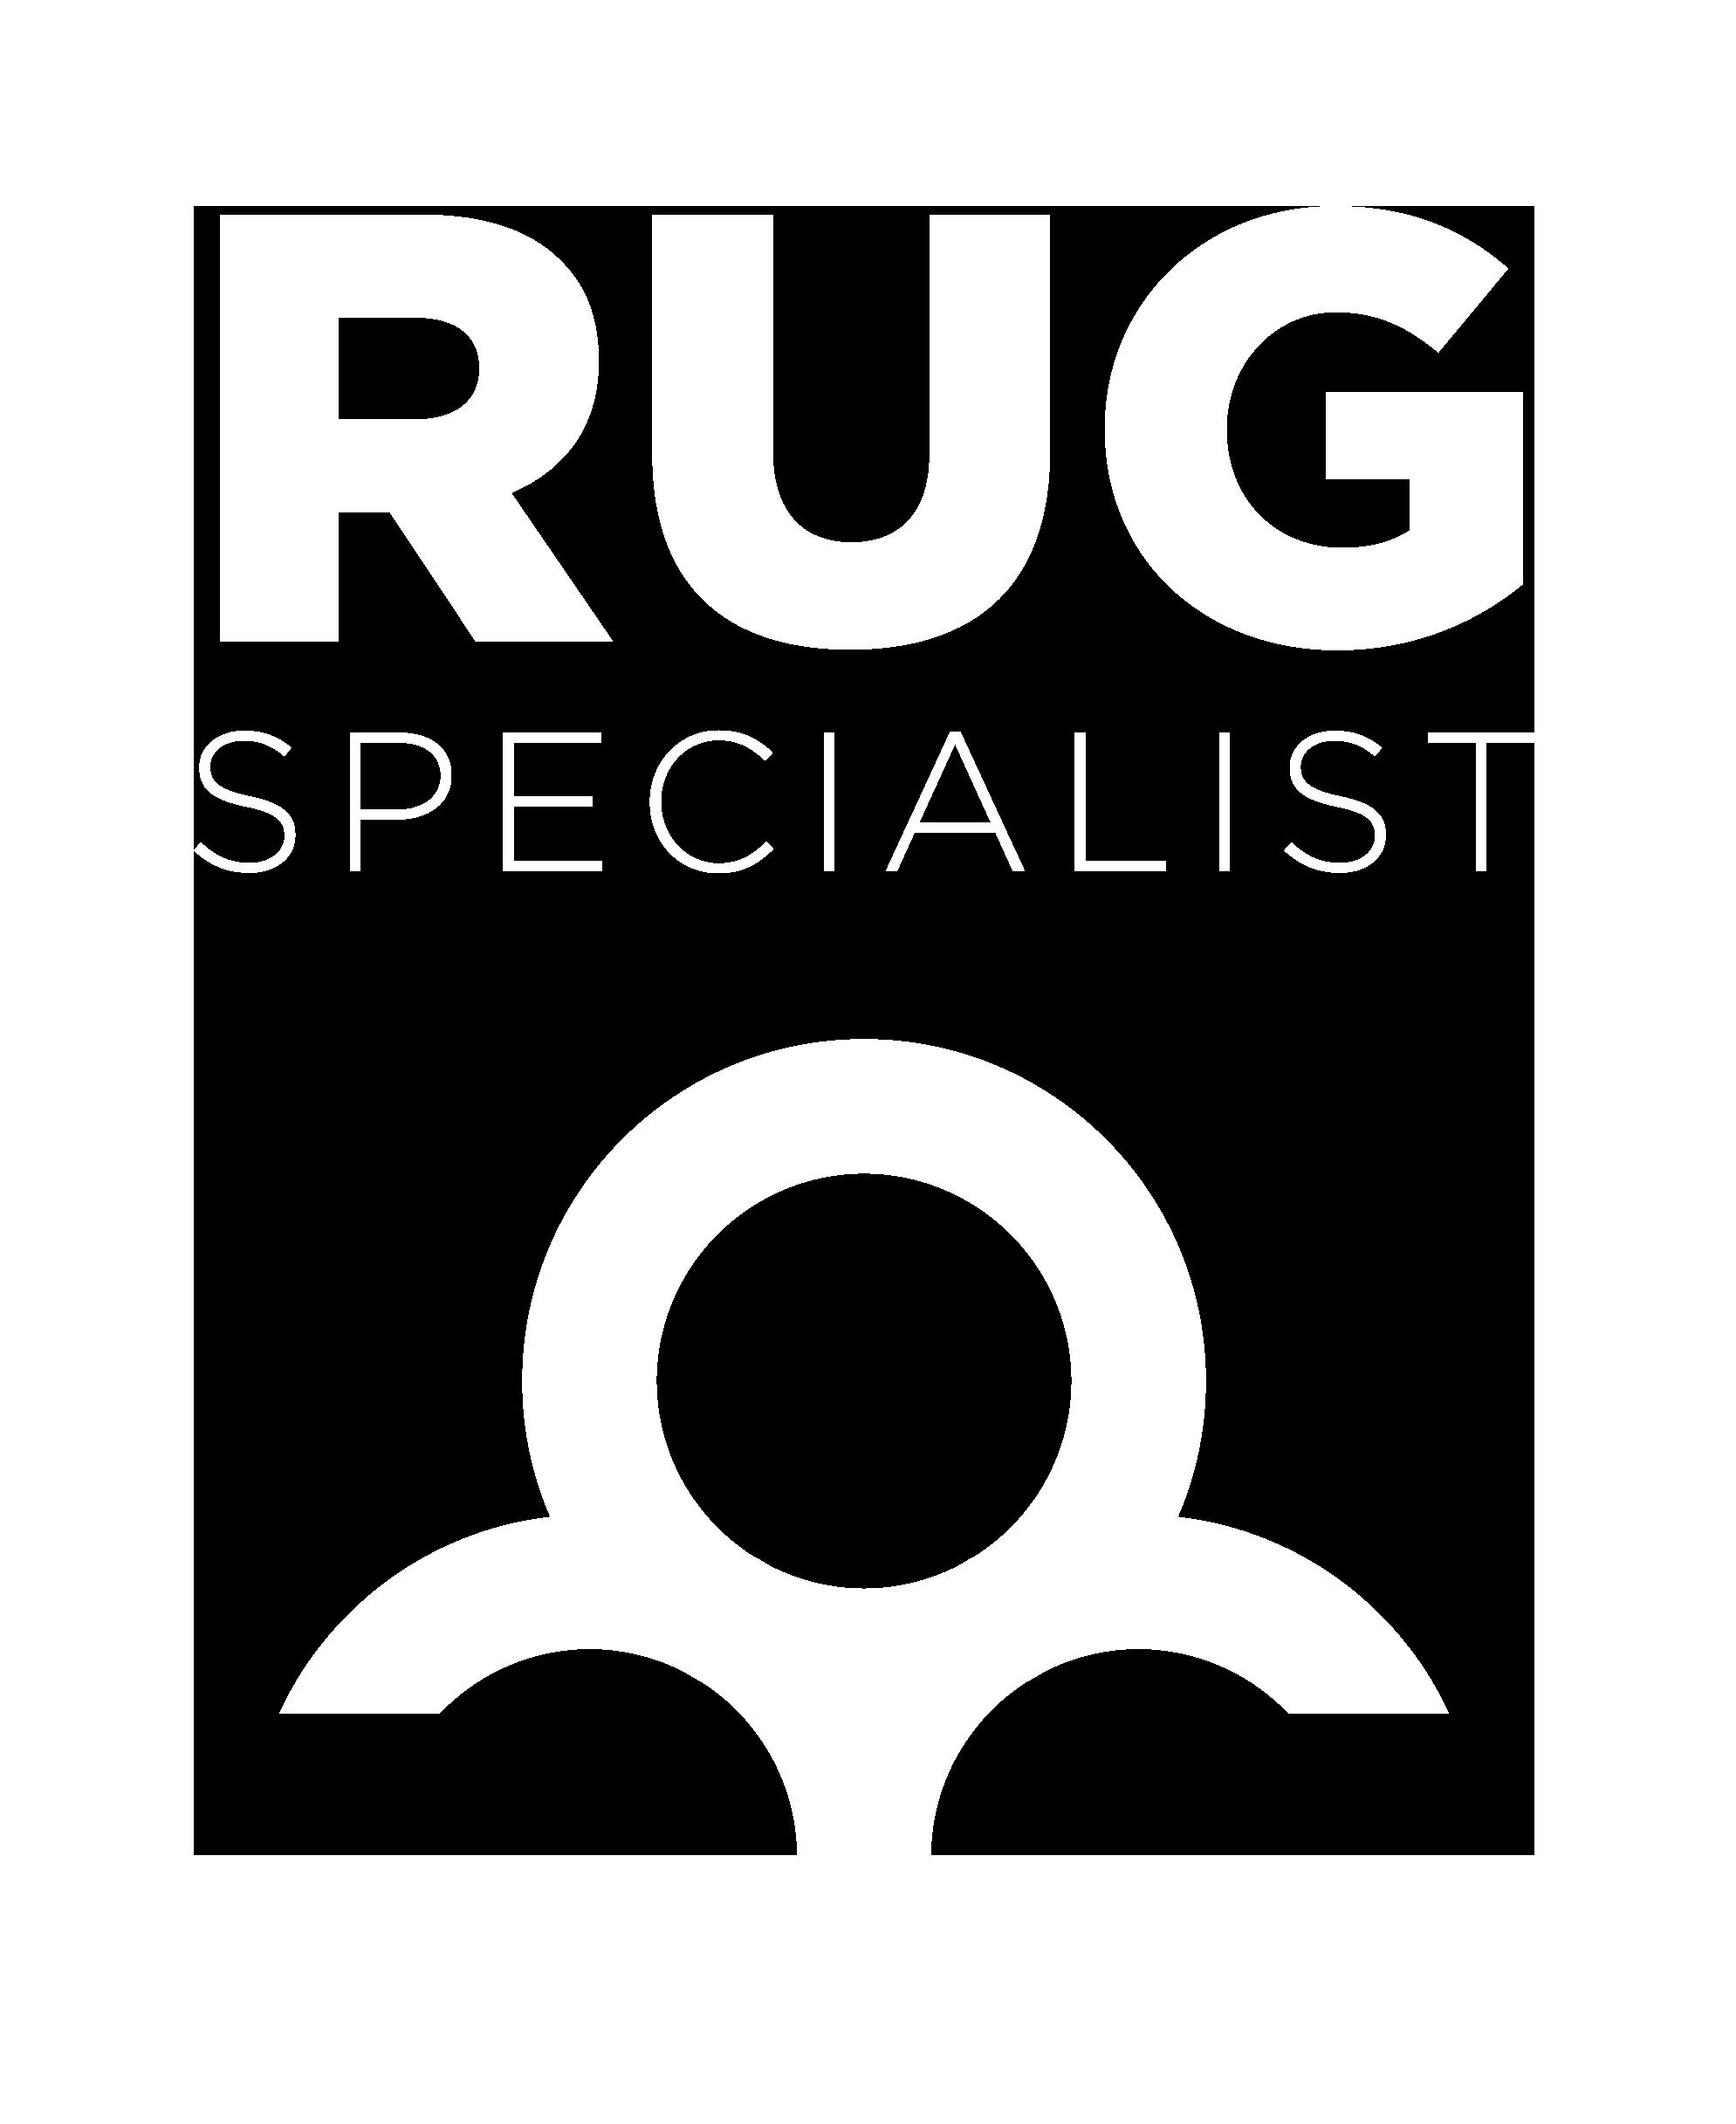 De RUGspecialist logo